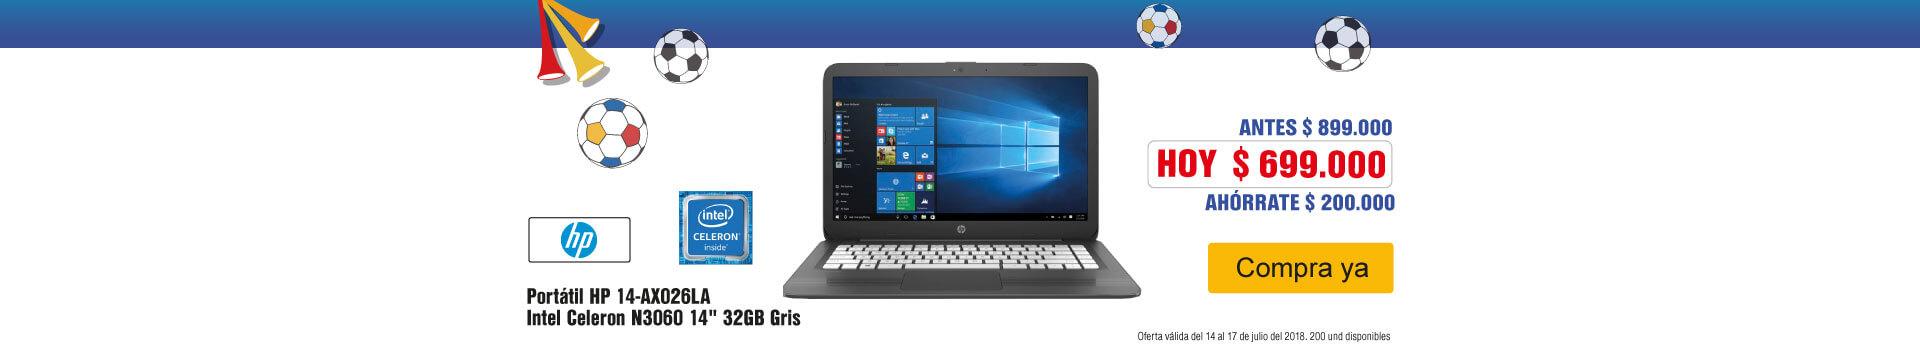 AK-KT-HIPER-2-computadores y tablets-PP---Hp-portátil 14-AX026LA-Jul16